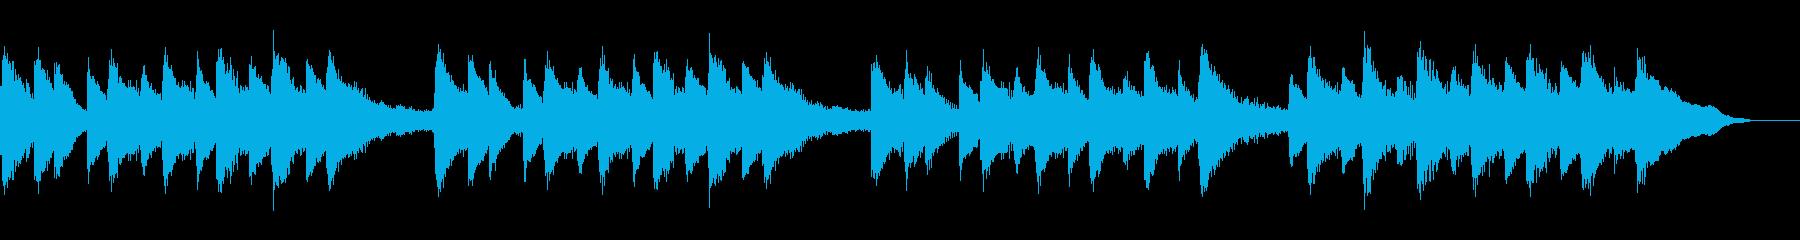 故郷の空 (ピアノ)の再生済みの波形